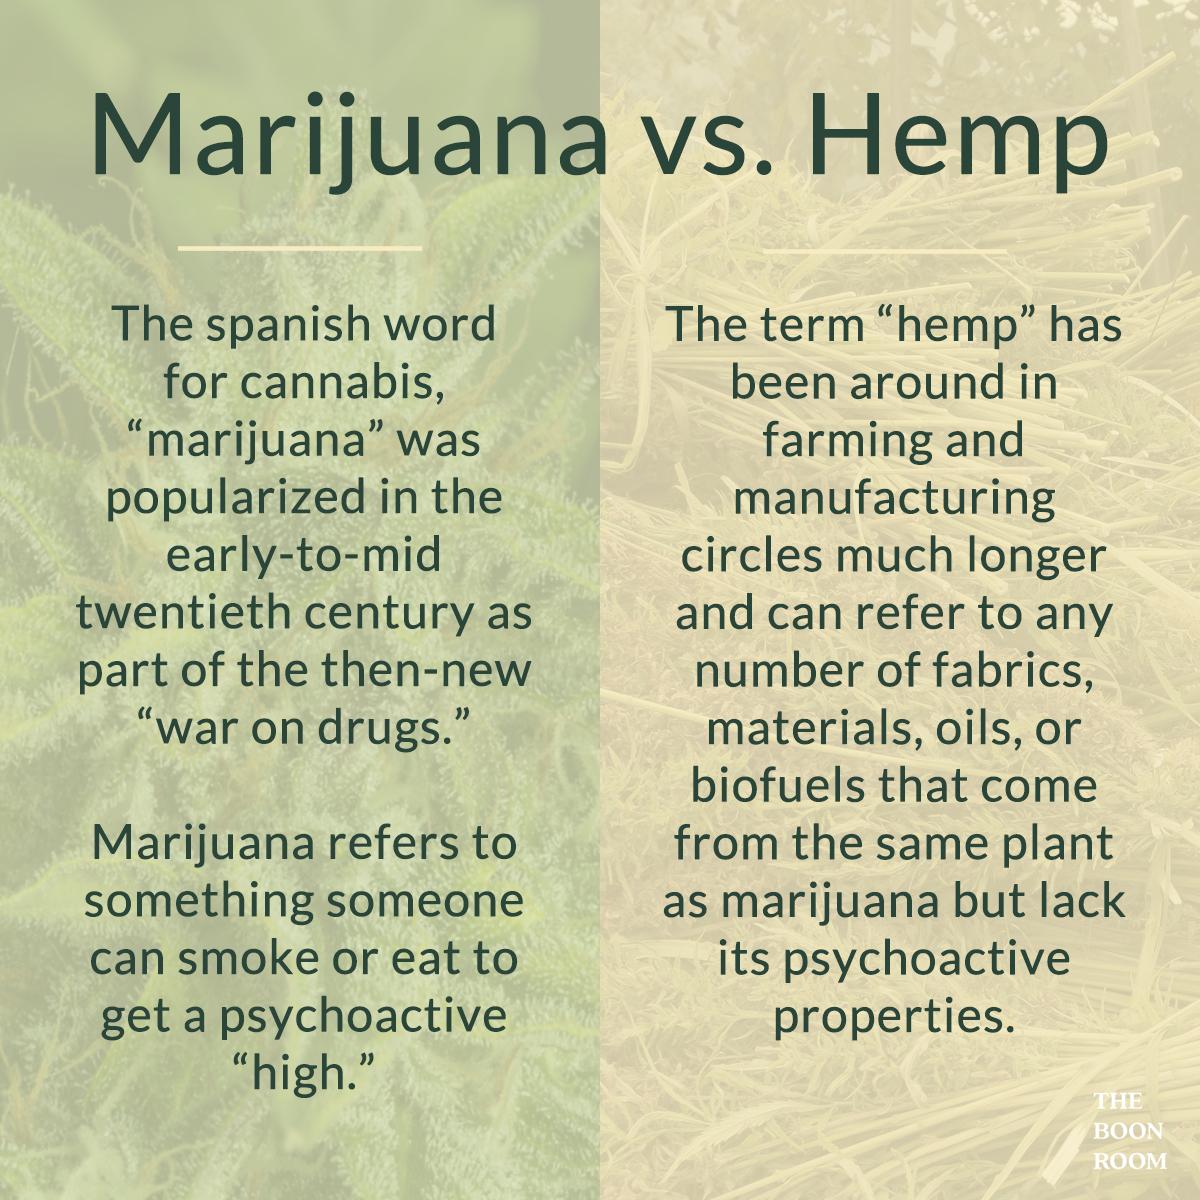 Marijuana vs Hemp